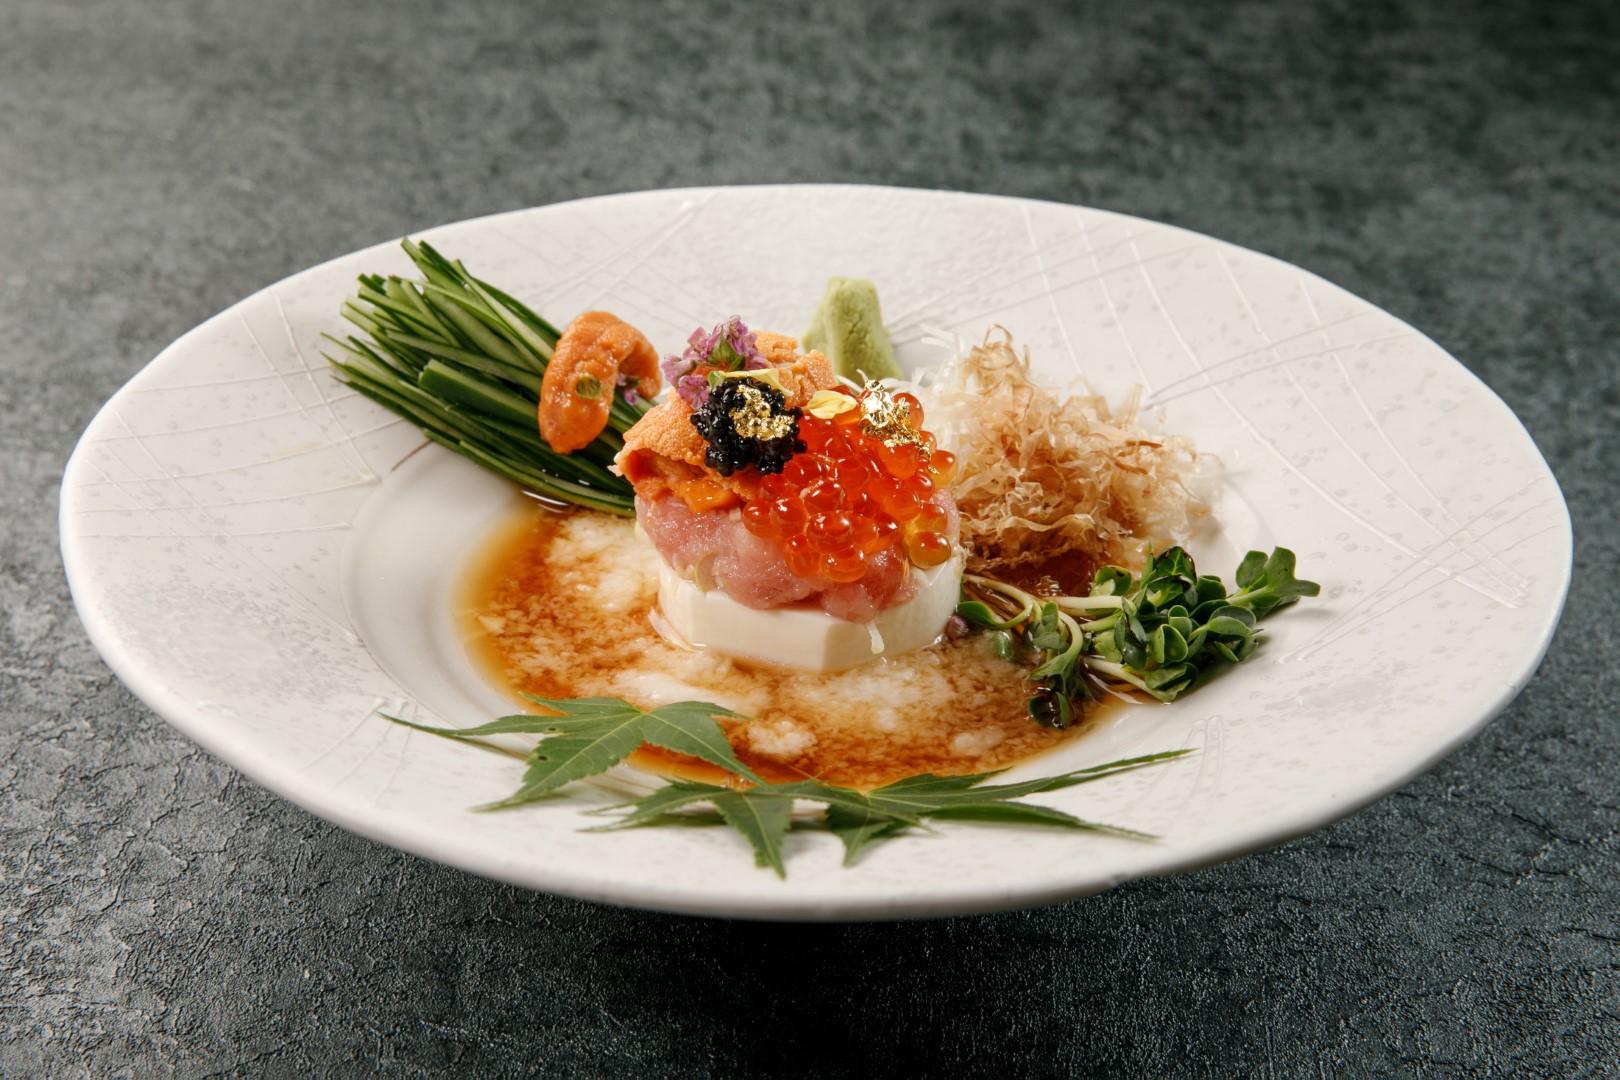 Nishimura Tofu